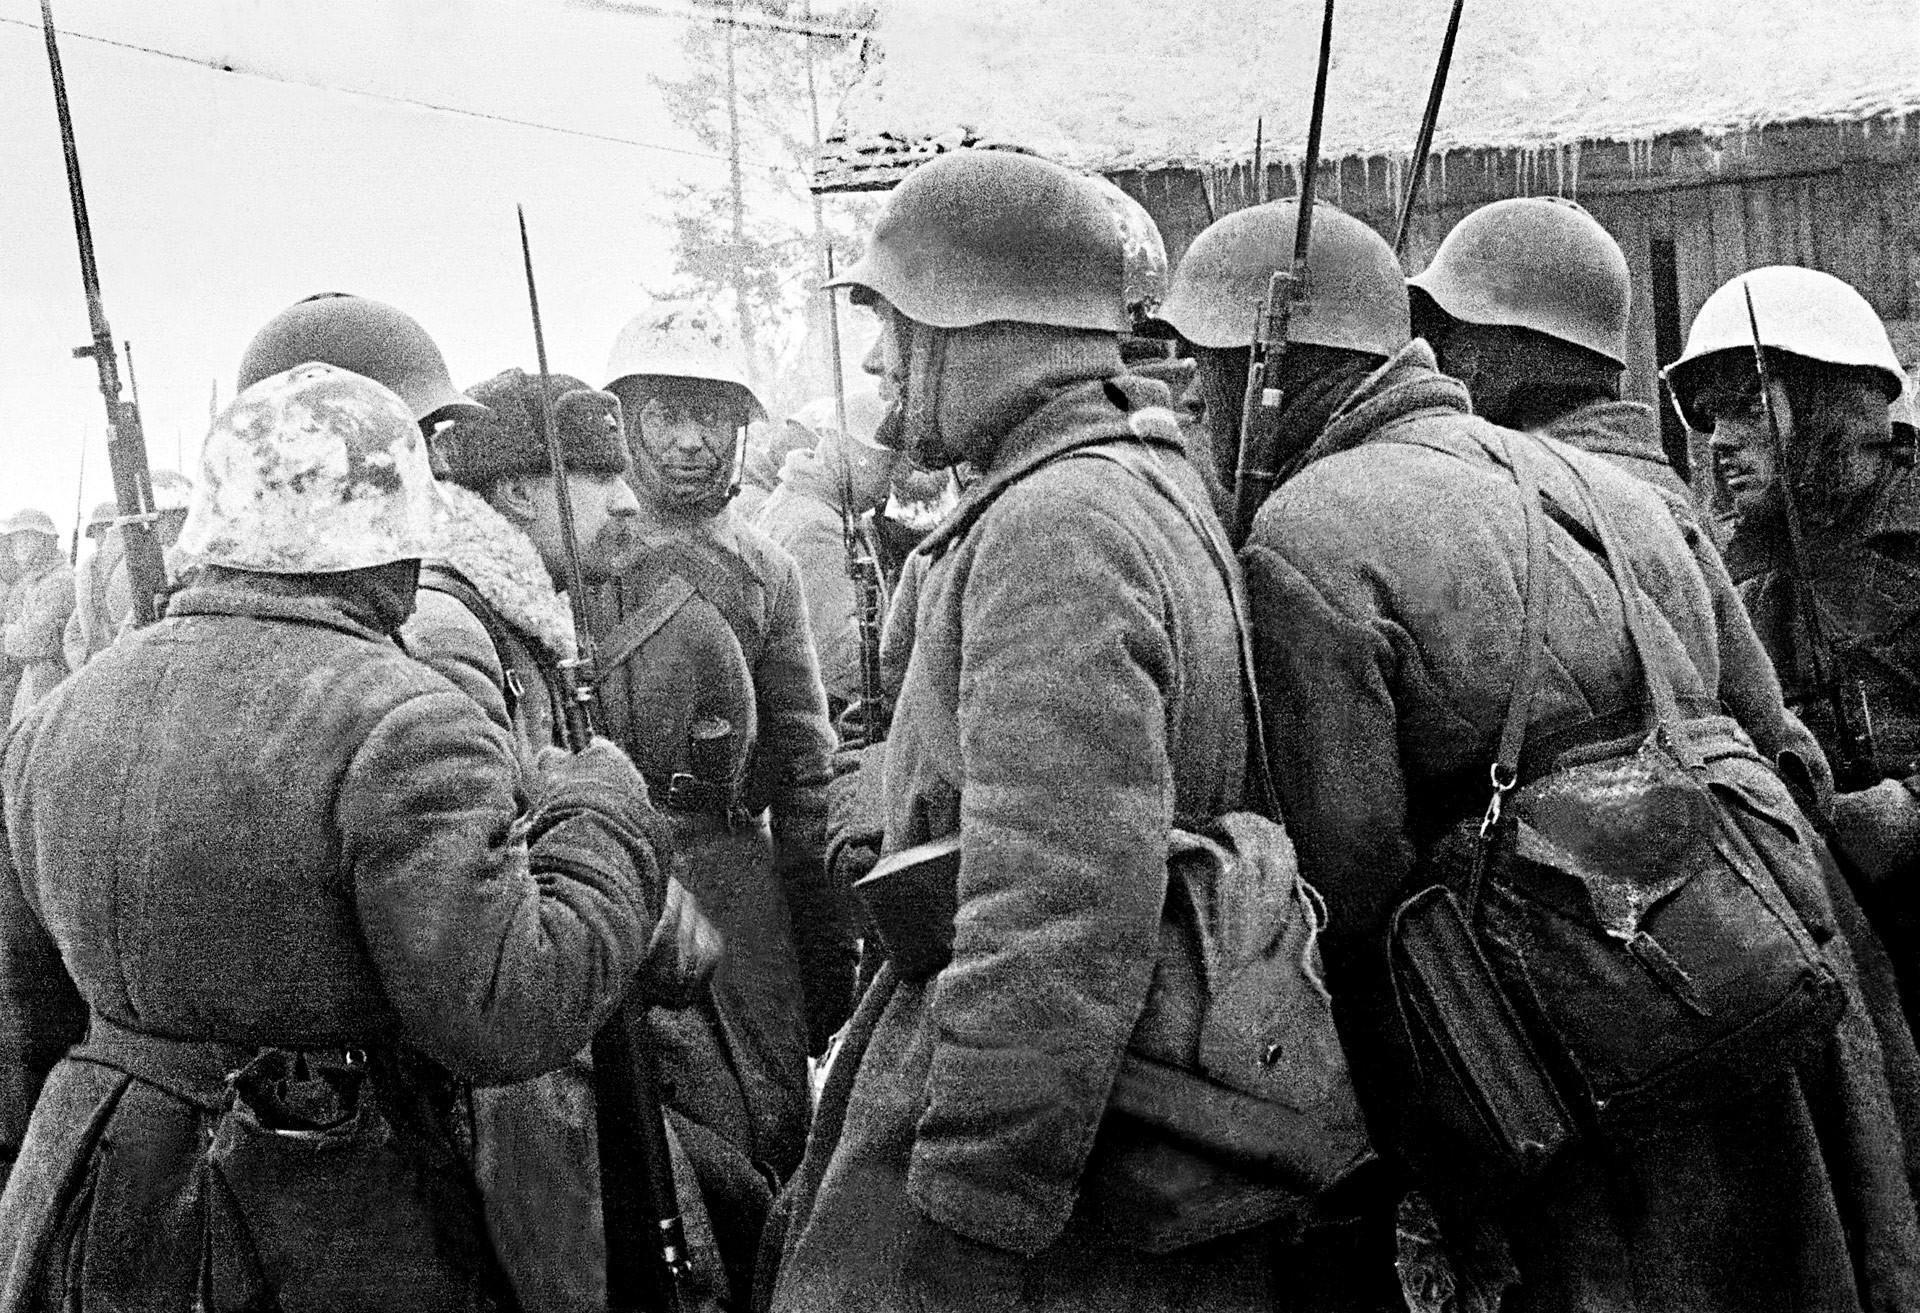 Карелският провлак. Командир инструктира войската преди битка, февруари 1940 г.